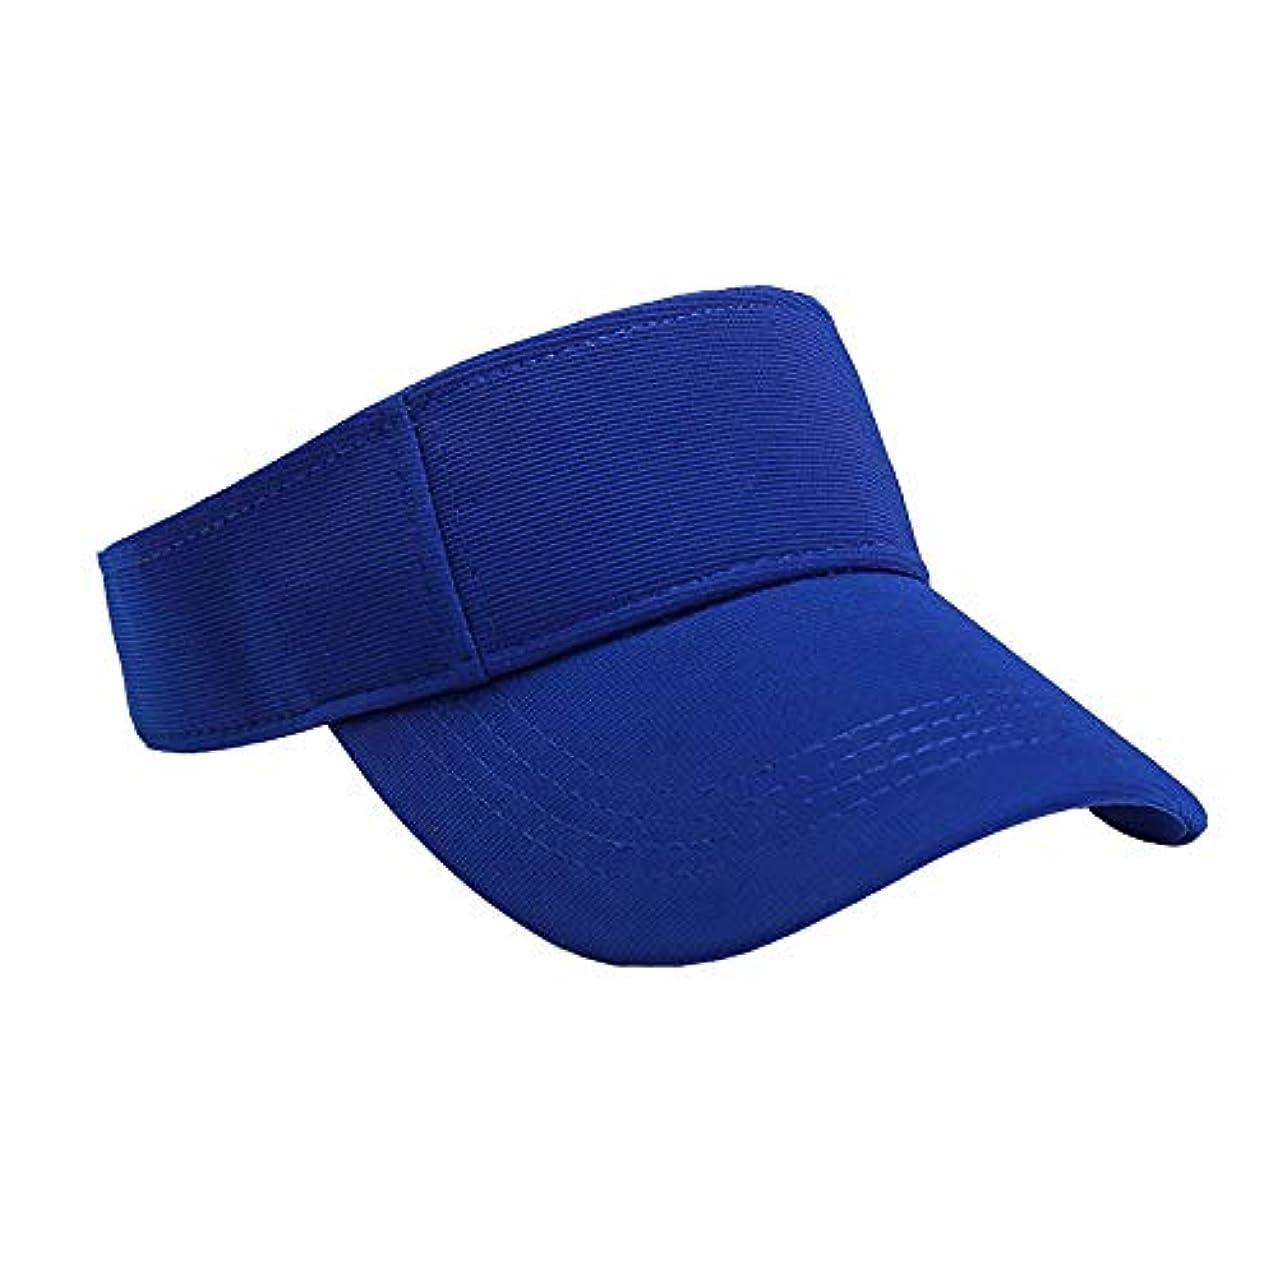 斧本を読む在庫Merssavo ユニセックスサマースポーツキャップ、サン帽子レディーステニスゴルフバイザーメッシュ野球帽、調節可能な屋外オープントップヘッドトラベルハイキング帽子、ブルー